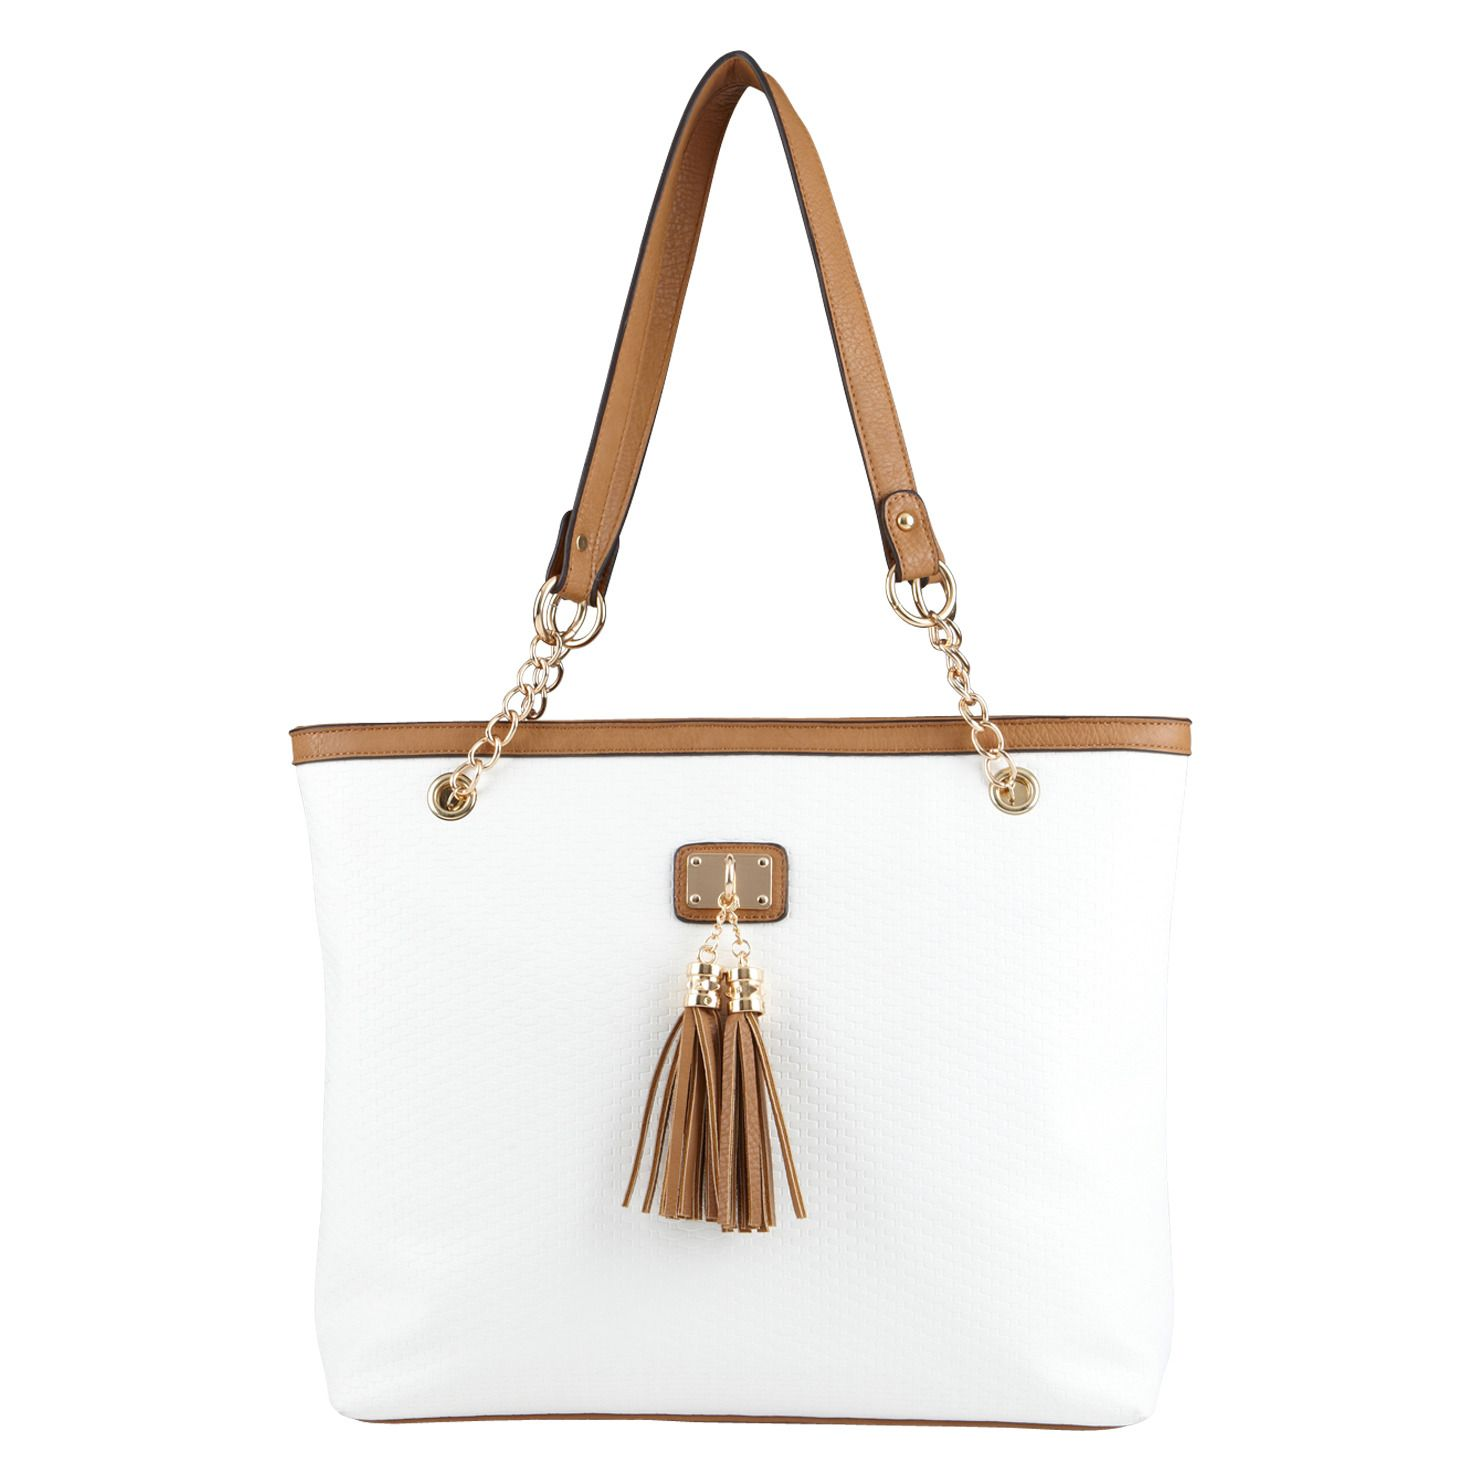 Shoulder Bags Totes Handbags